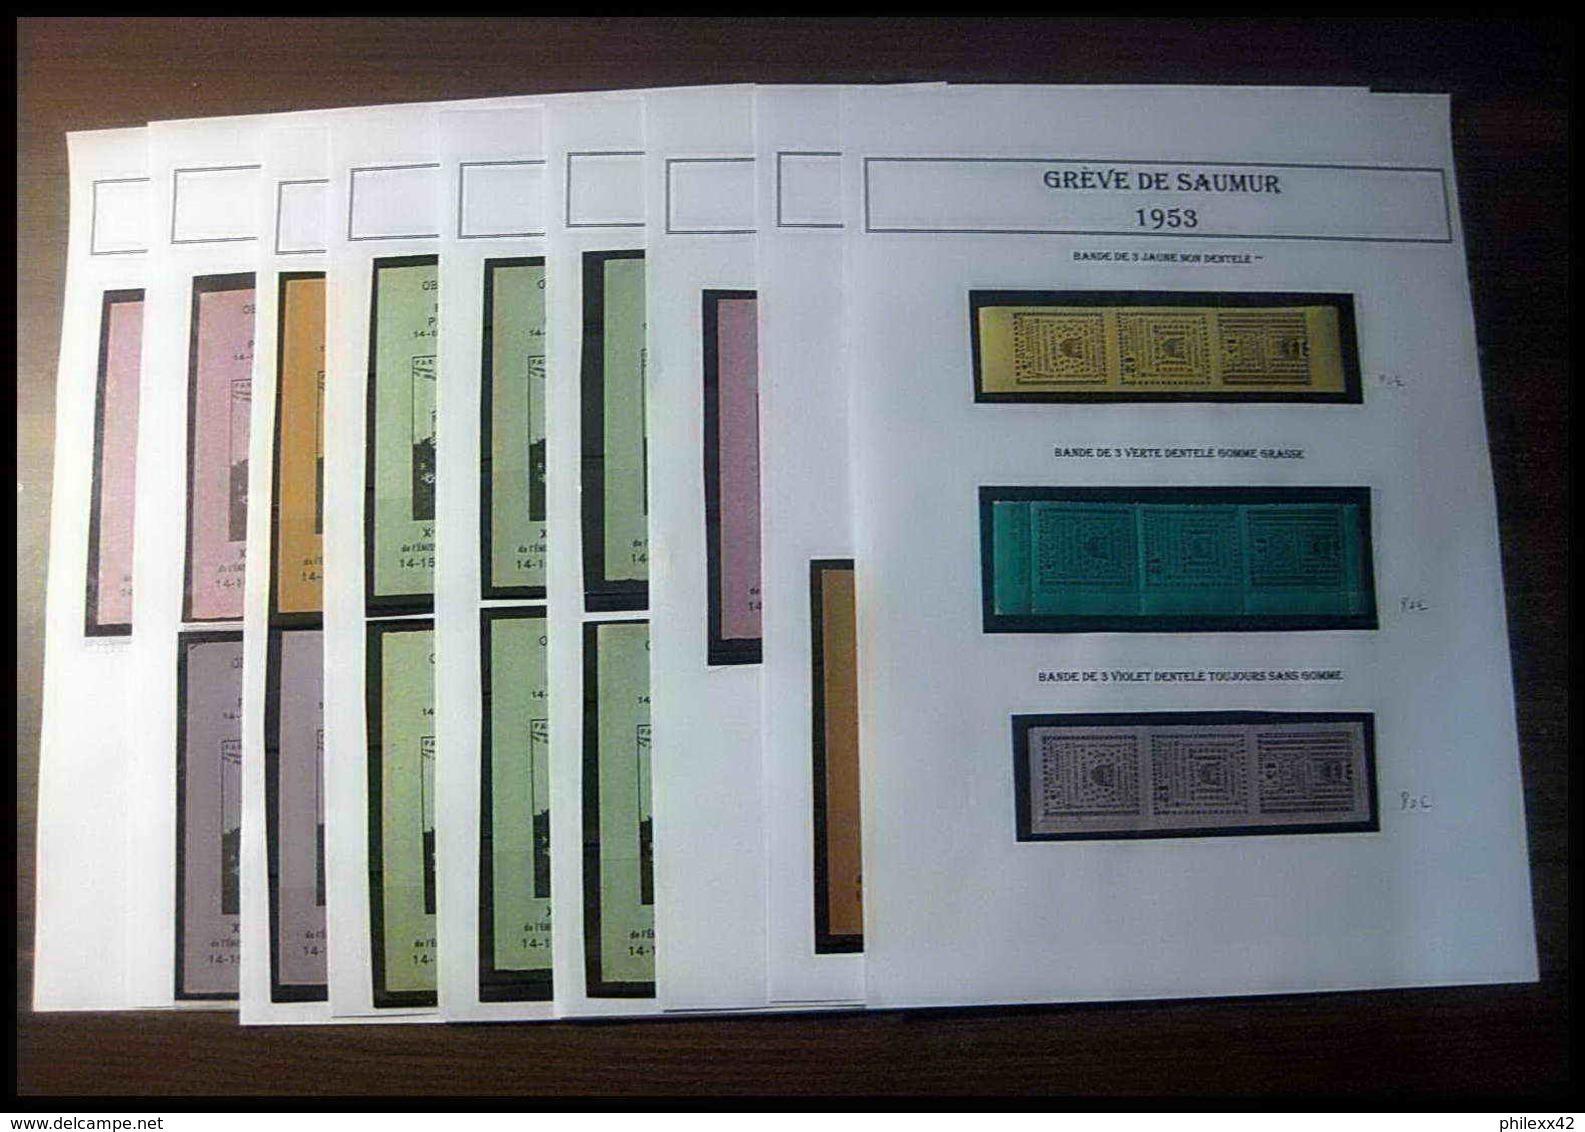 Départ 1 EURO - France - Timbres De Grève - Saumur 1953 Bel Ensemble Cote +/- 1000 Euros - Collezioni